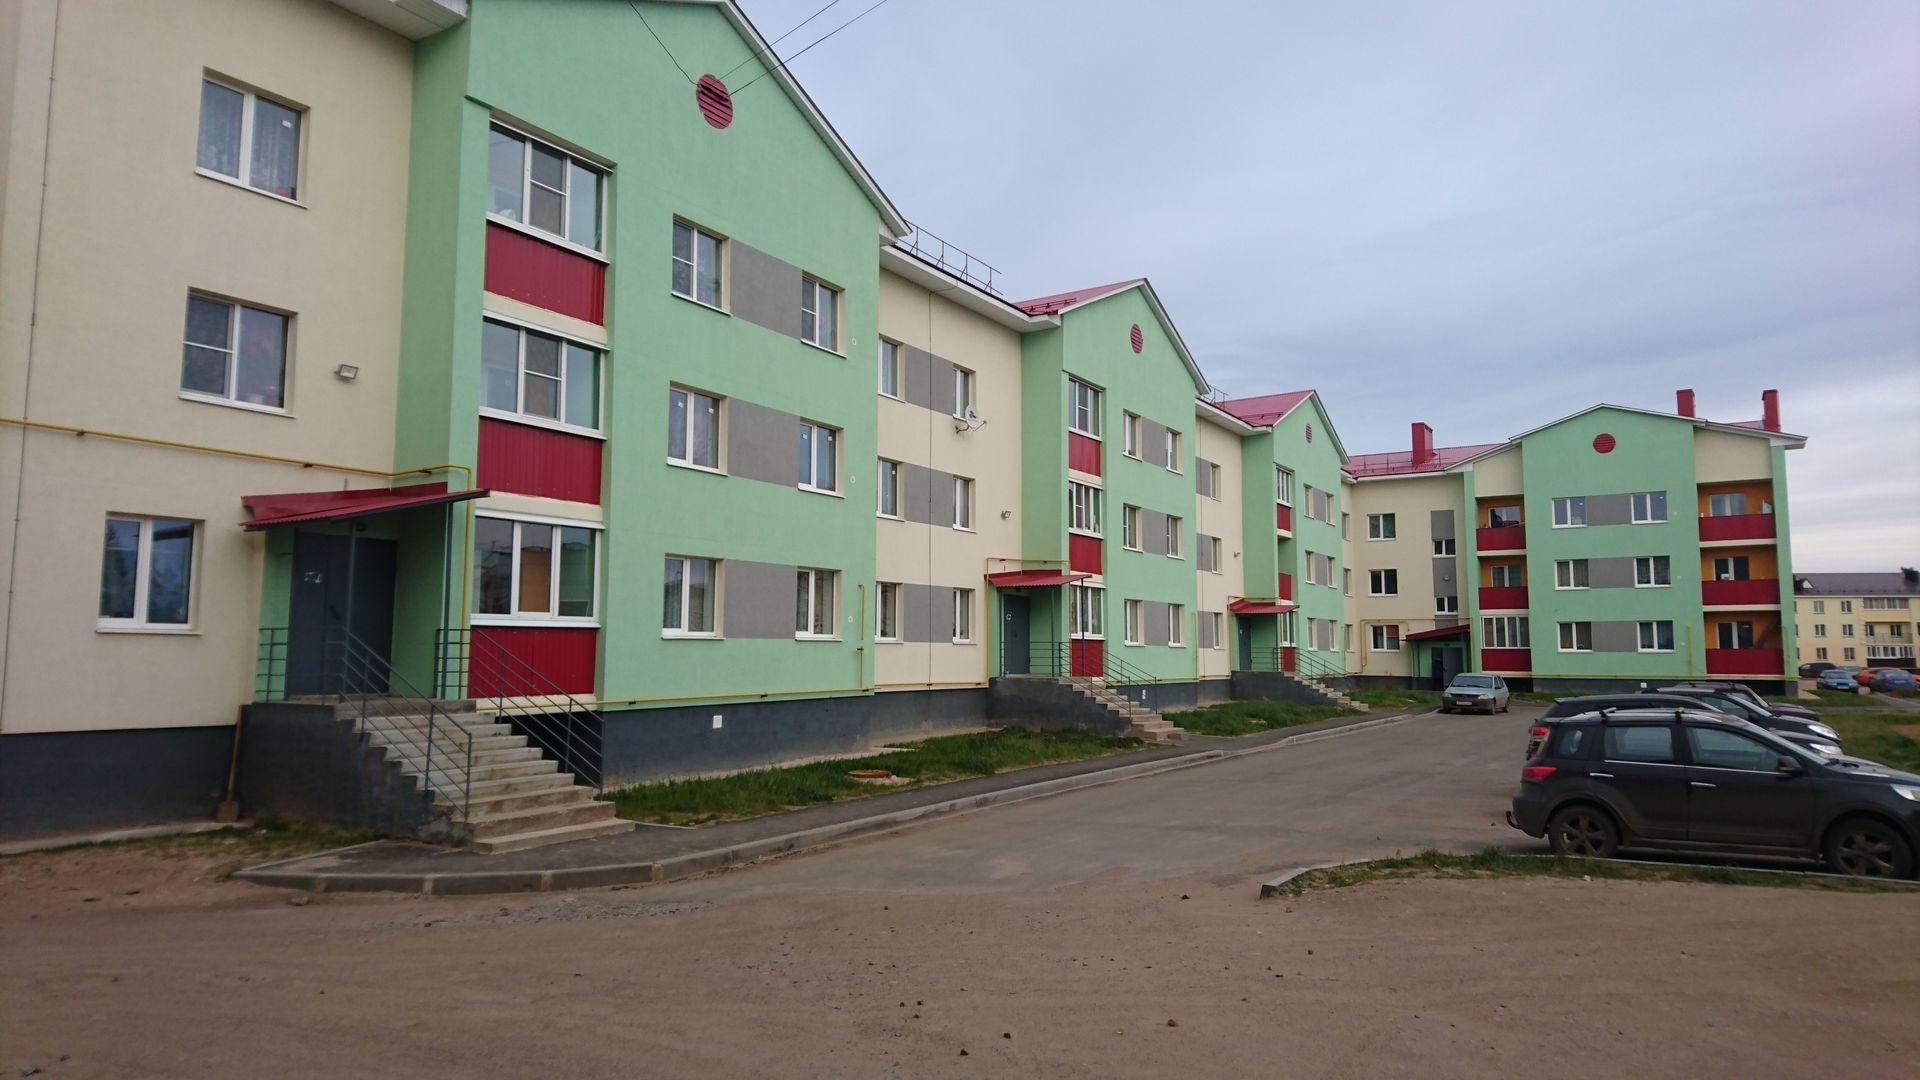 Фото ЖК Петровское, Шоссейная 40а